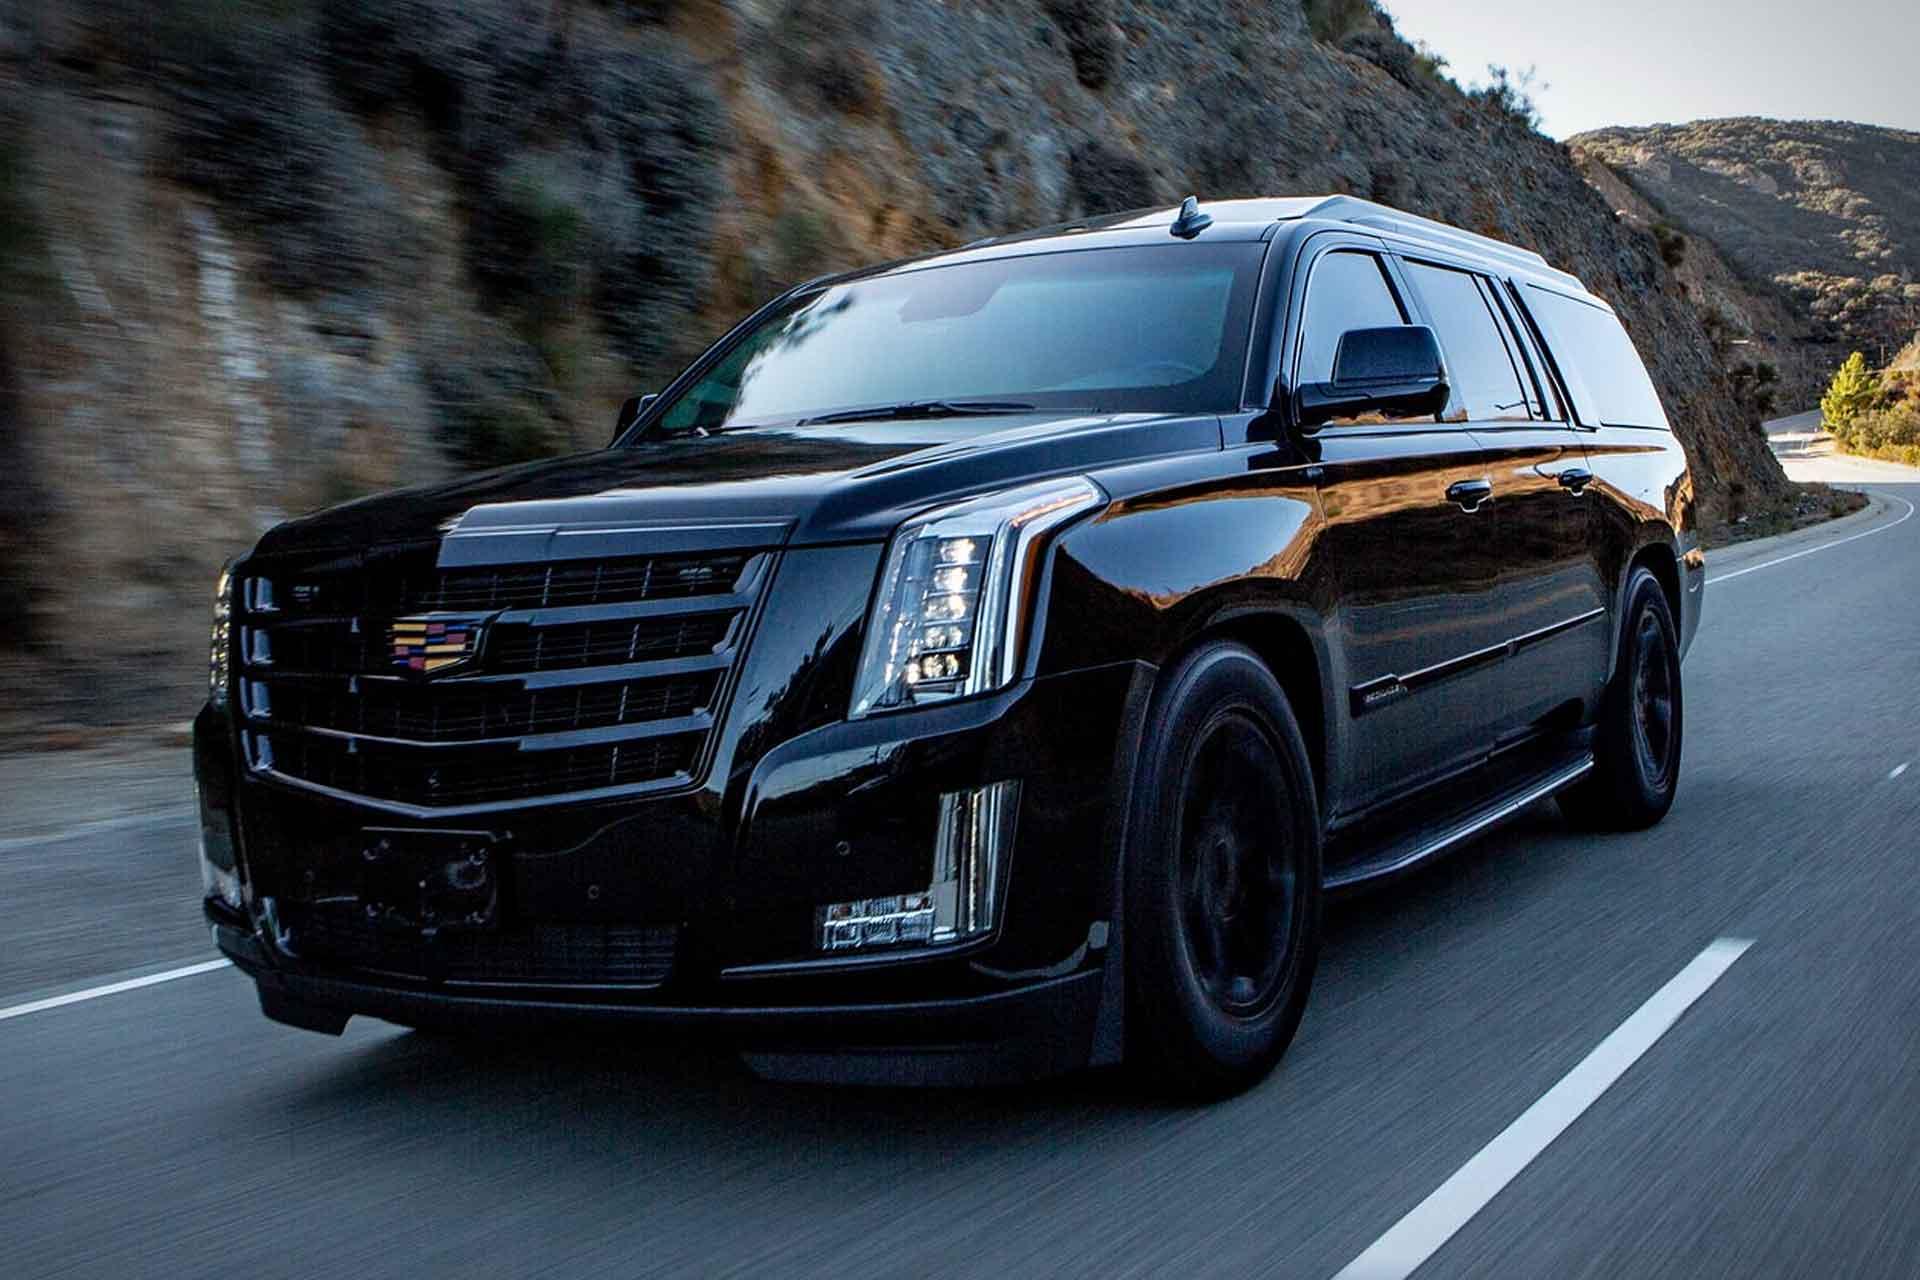 Suv With Third Row >> AddArmor Bulletproof Cadillac Escalade SUV   Uncrate